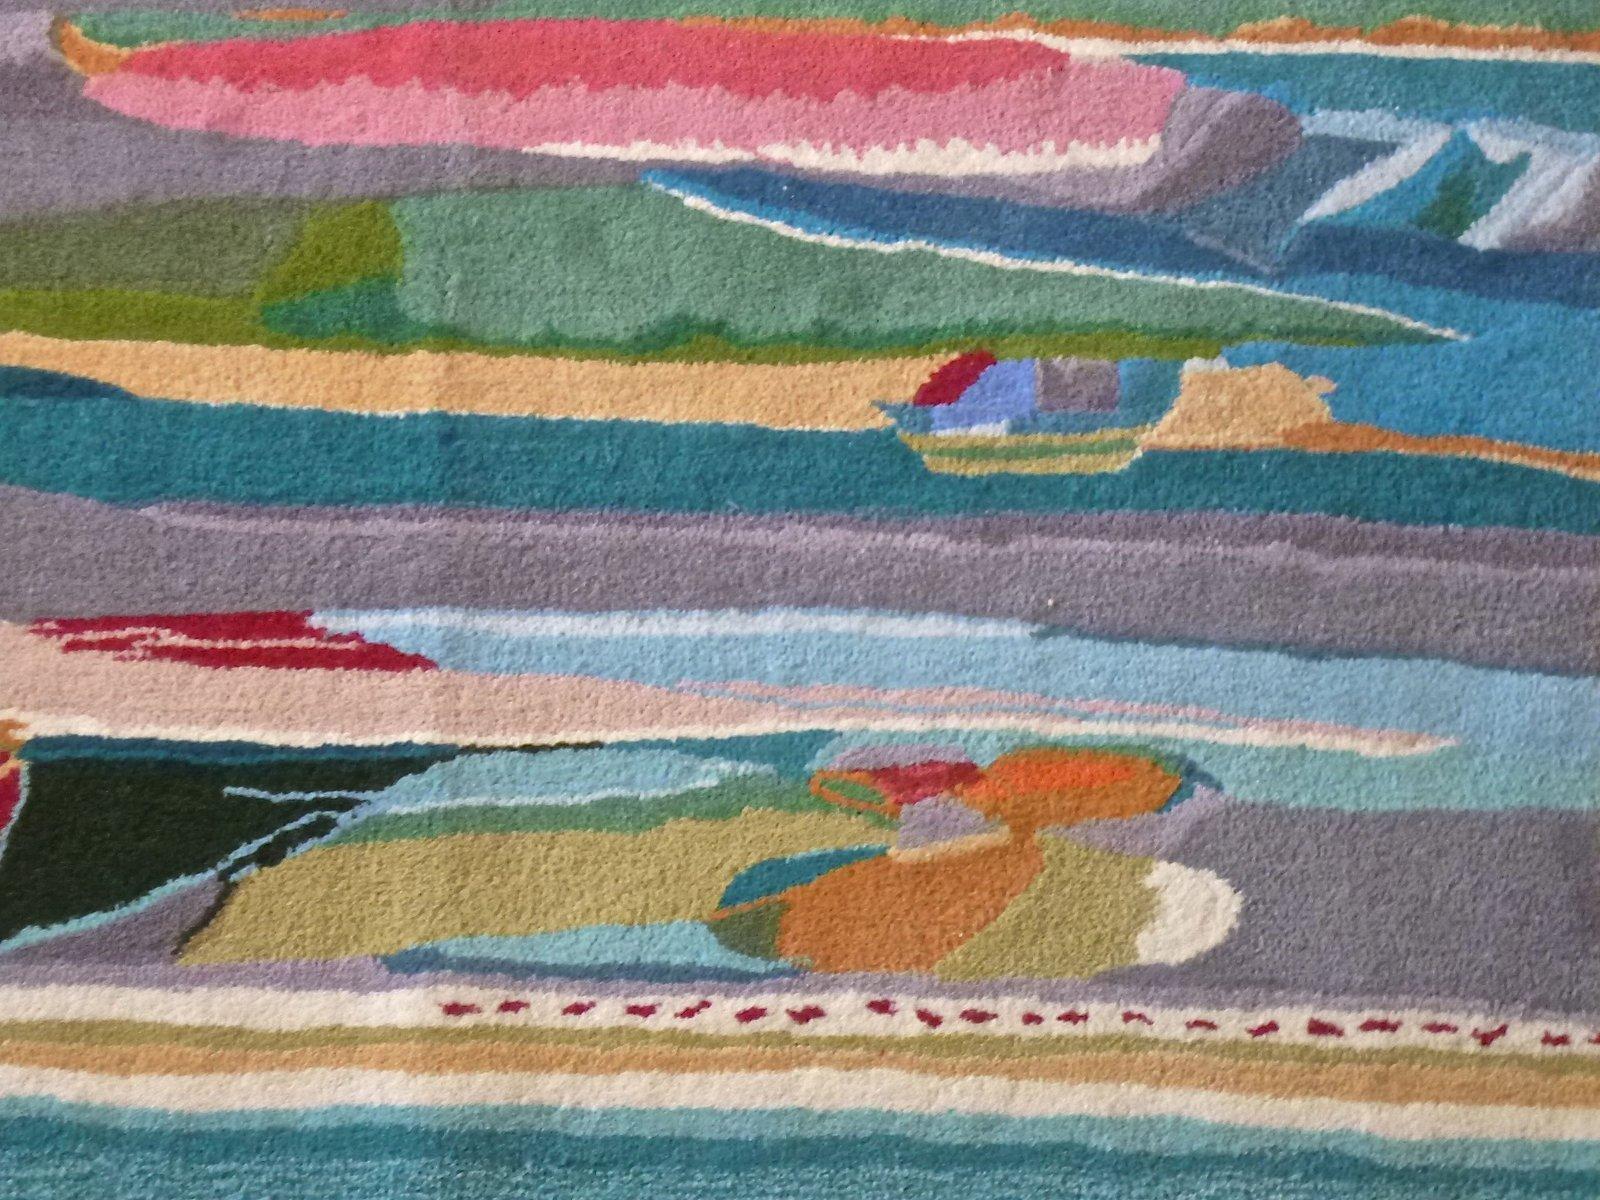 Teppich von Professor Ernst Oberhoff für Ewald Kröner